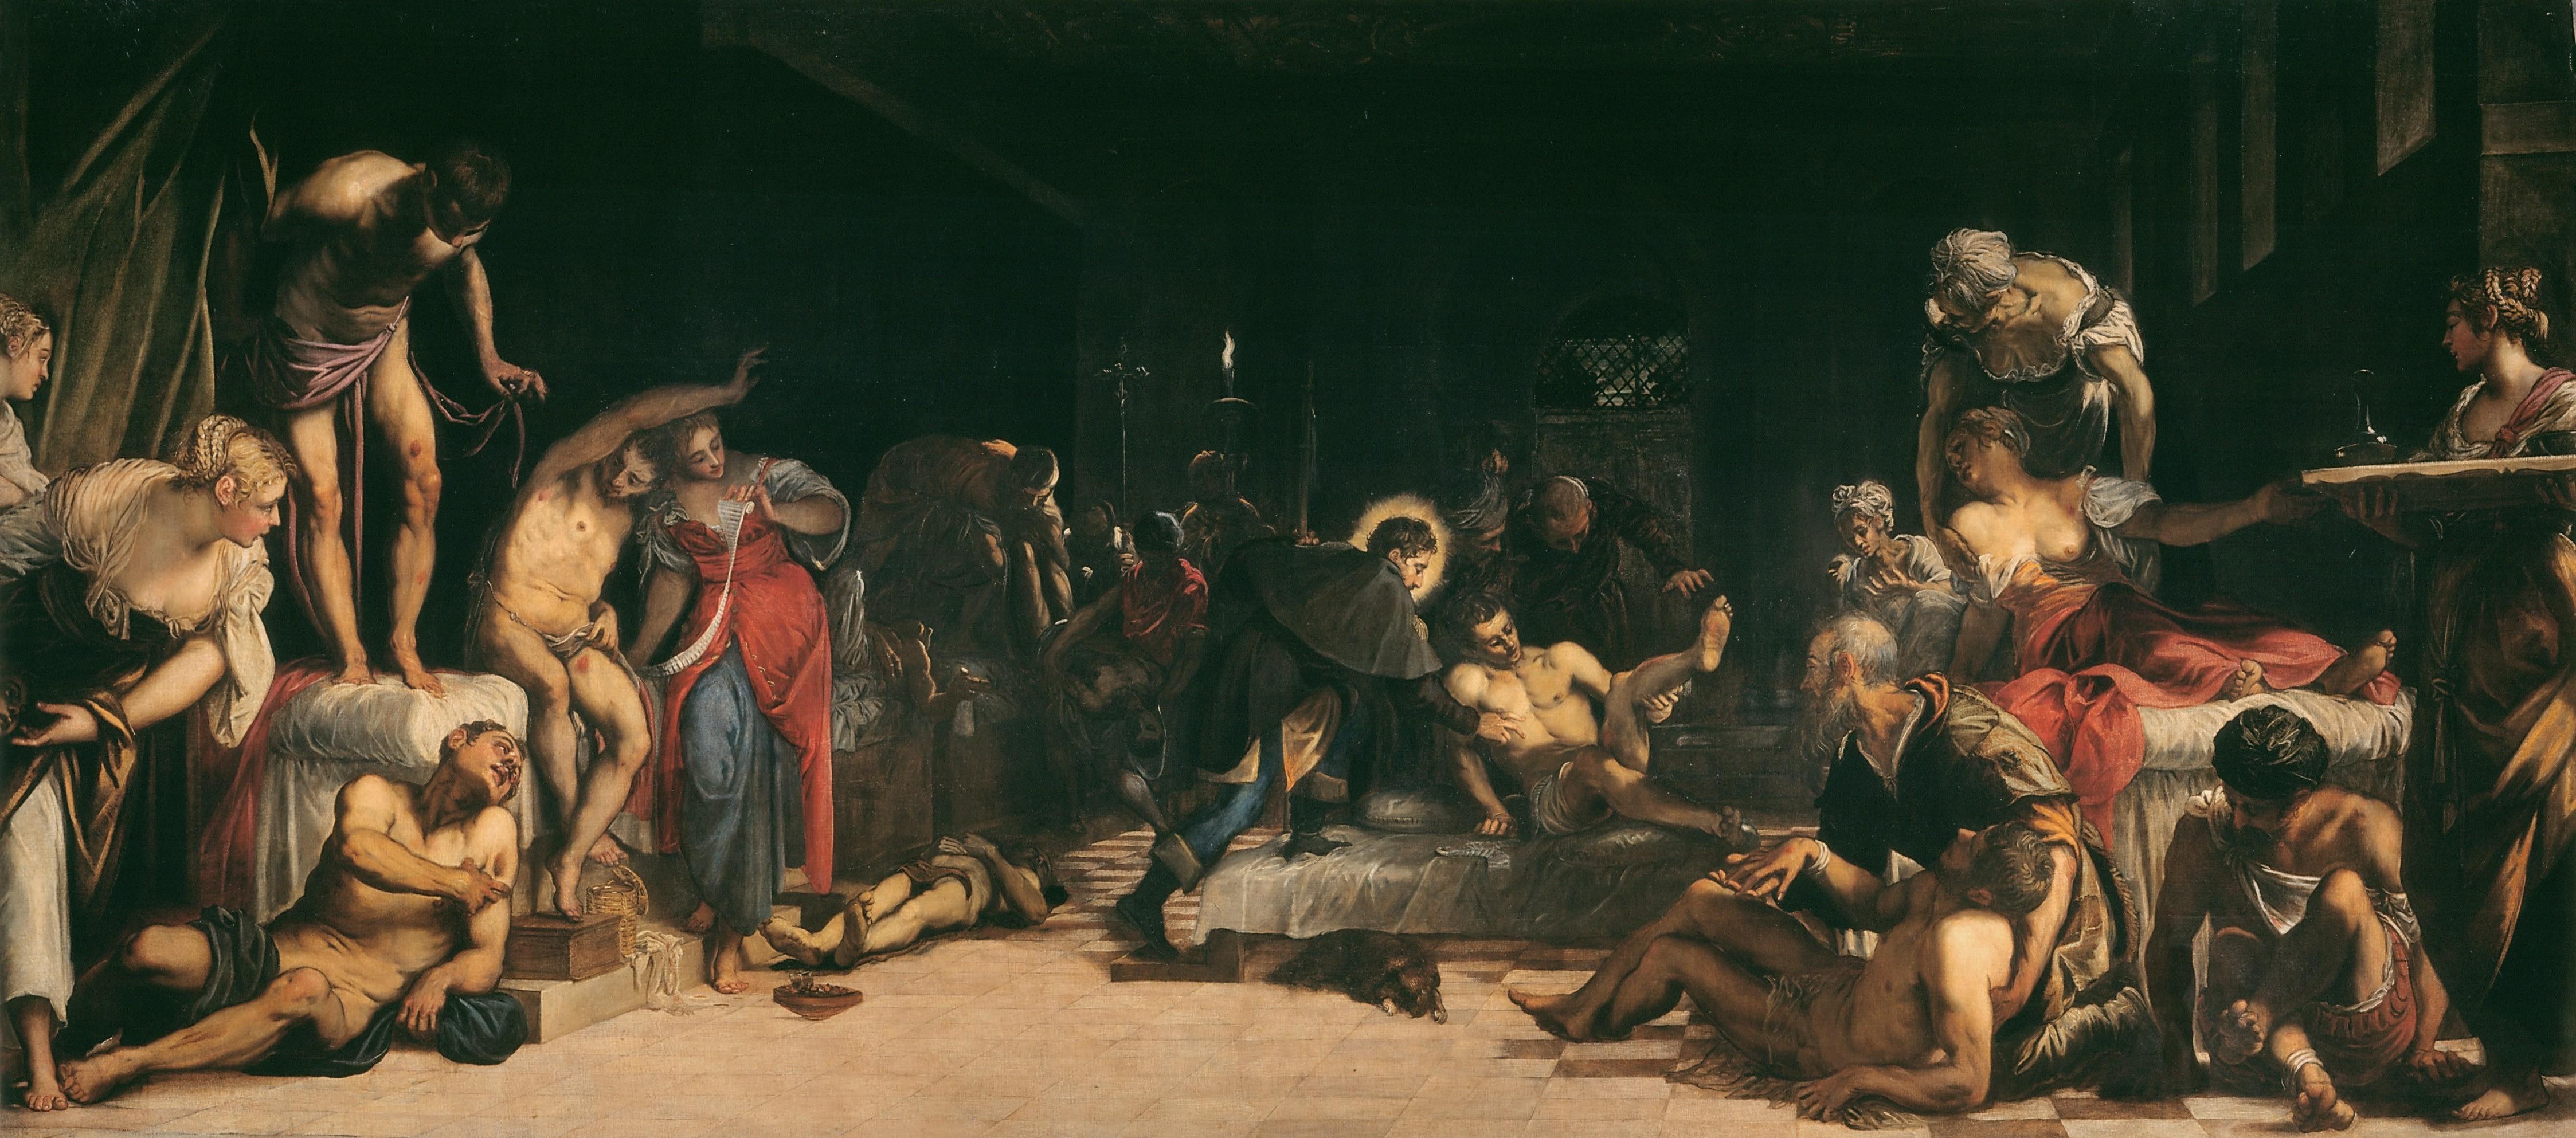 134-San-Rocco-e-i-malati-Tintoretto